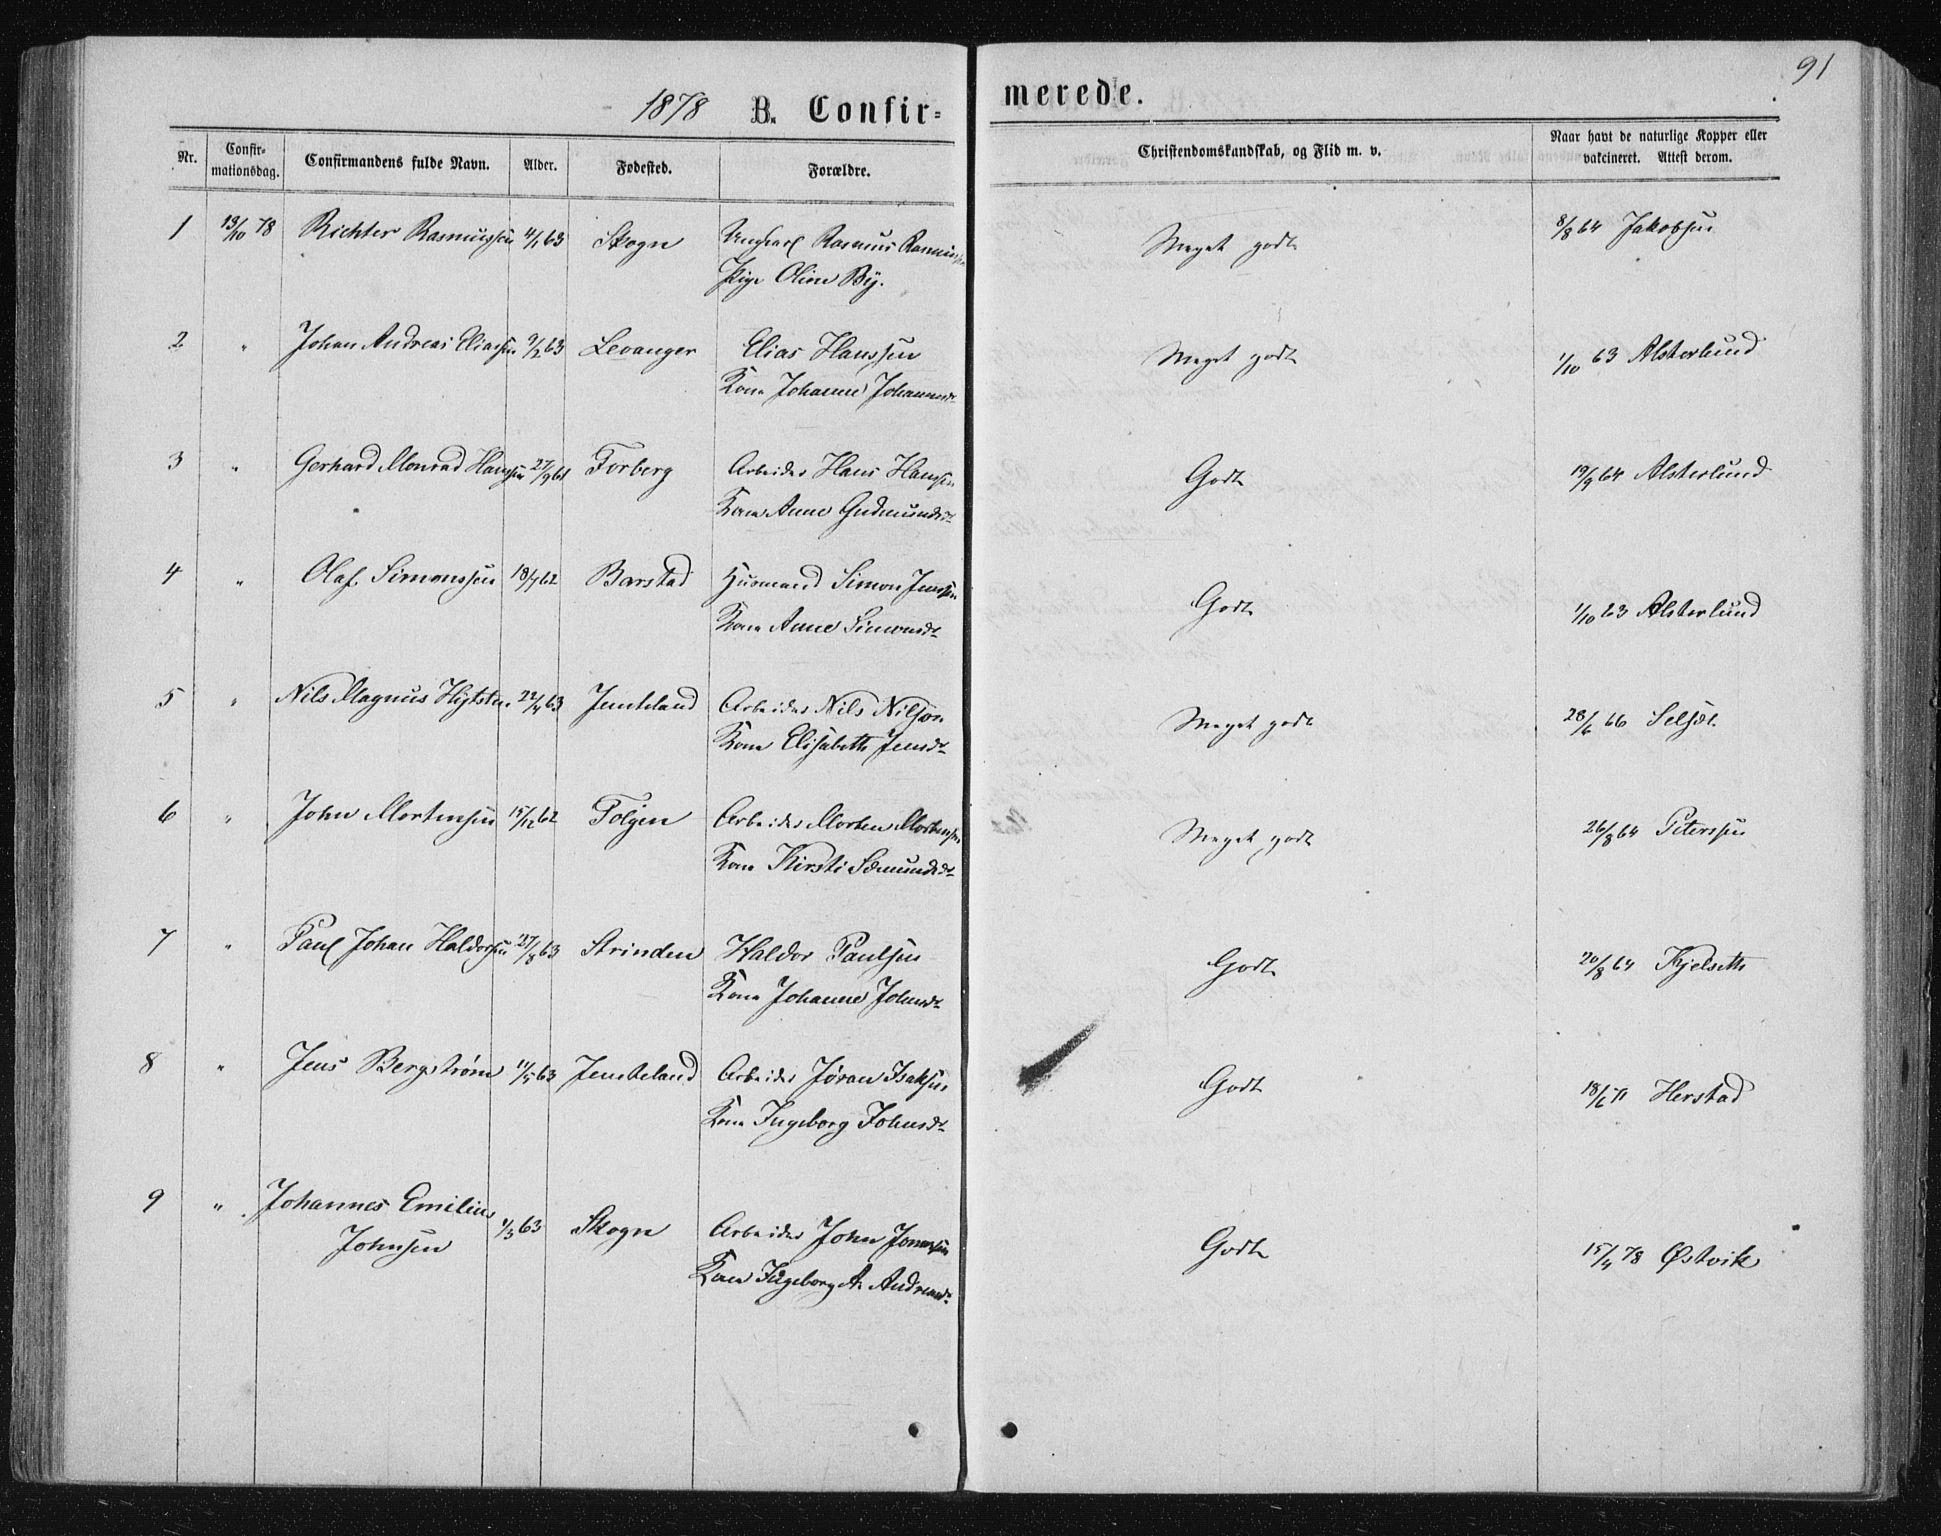 SAT, Ministerialprotokoller, klokkerbøker og fødselsregistre - Nord-Trøndelag, 722/L0219: Ministerialbok nr. 722A06, 1868-1880, s. 91